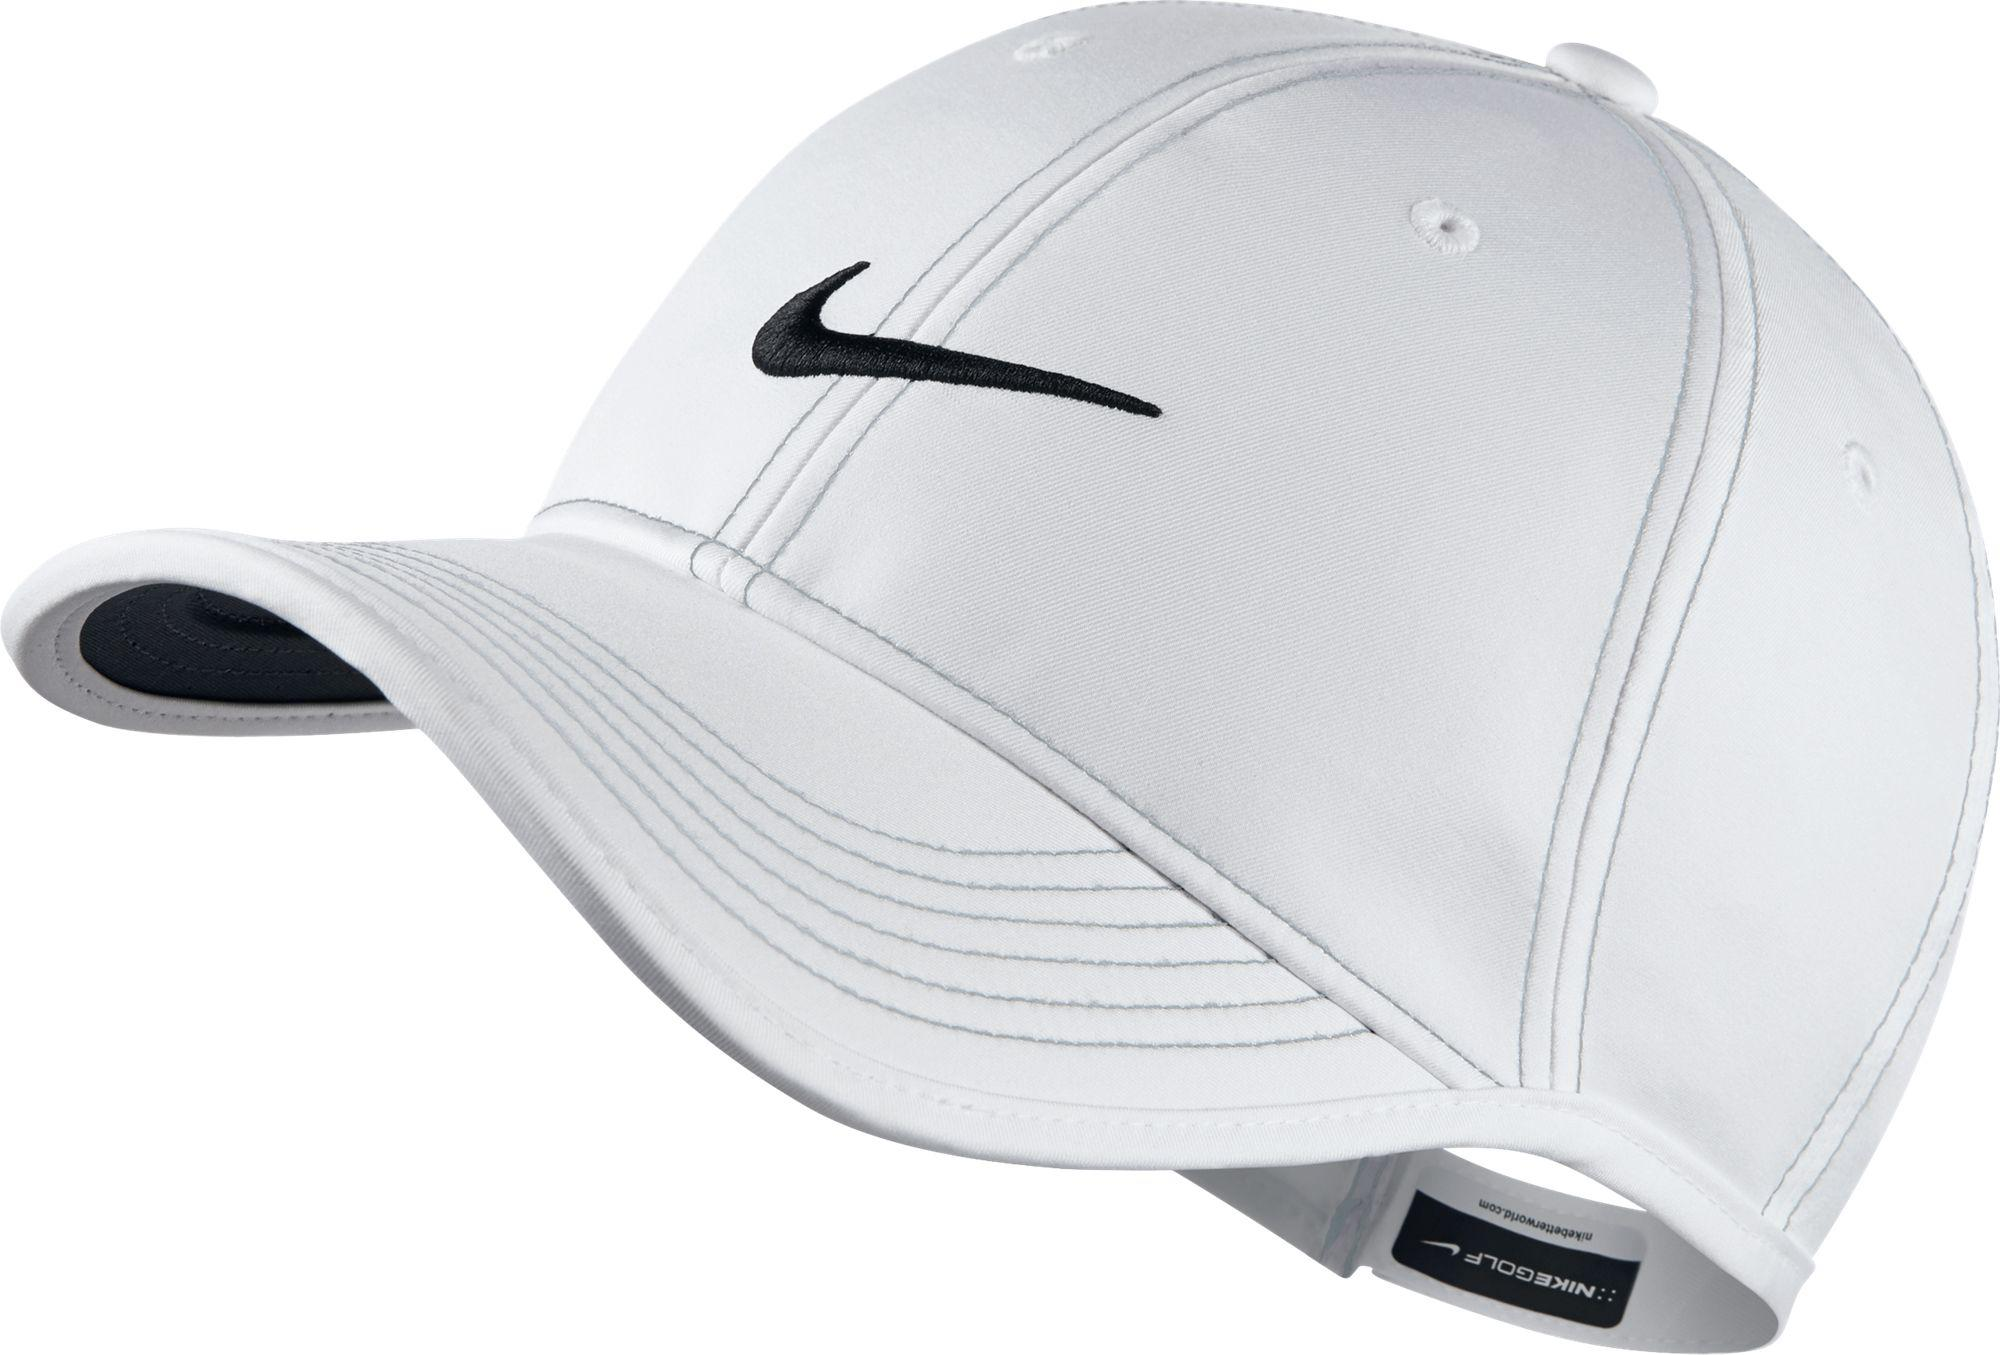 ec21ca297da Lyst - Nike Ultralight Tour Performance Golf Hat in White for Men